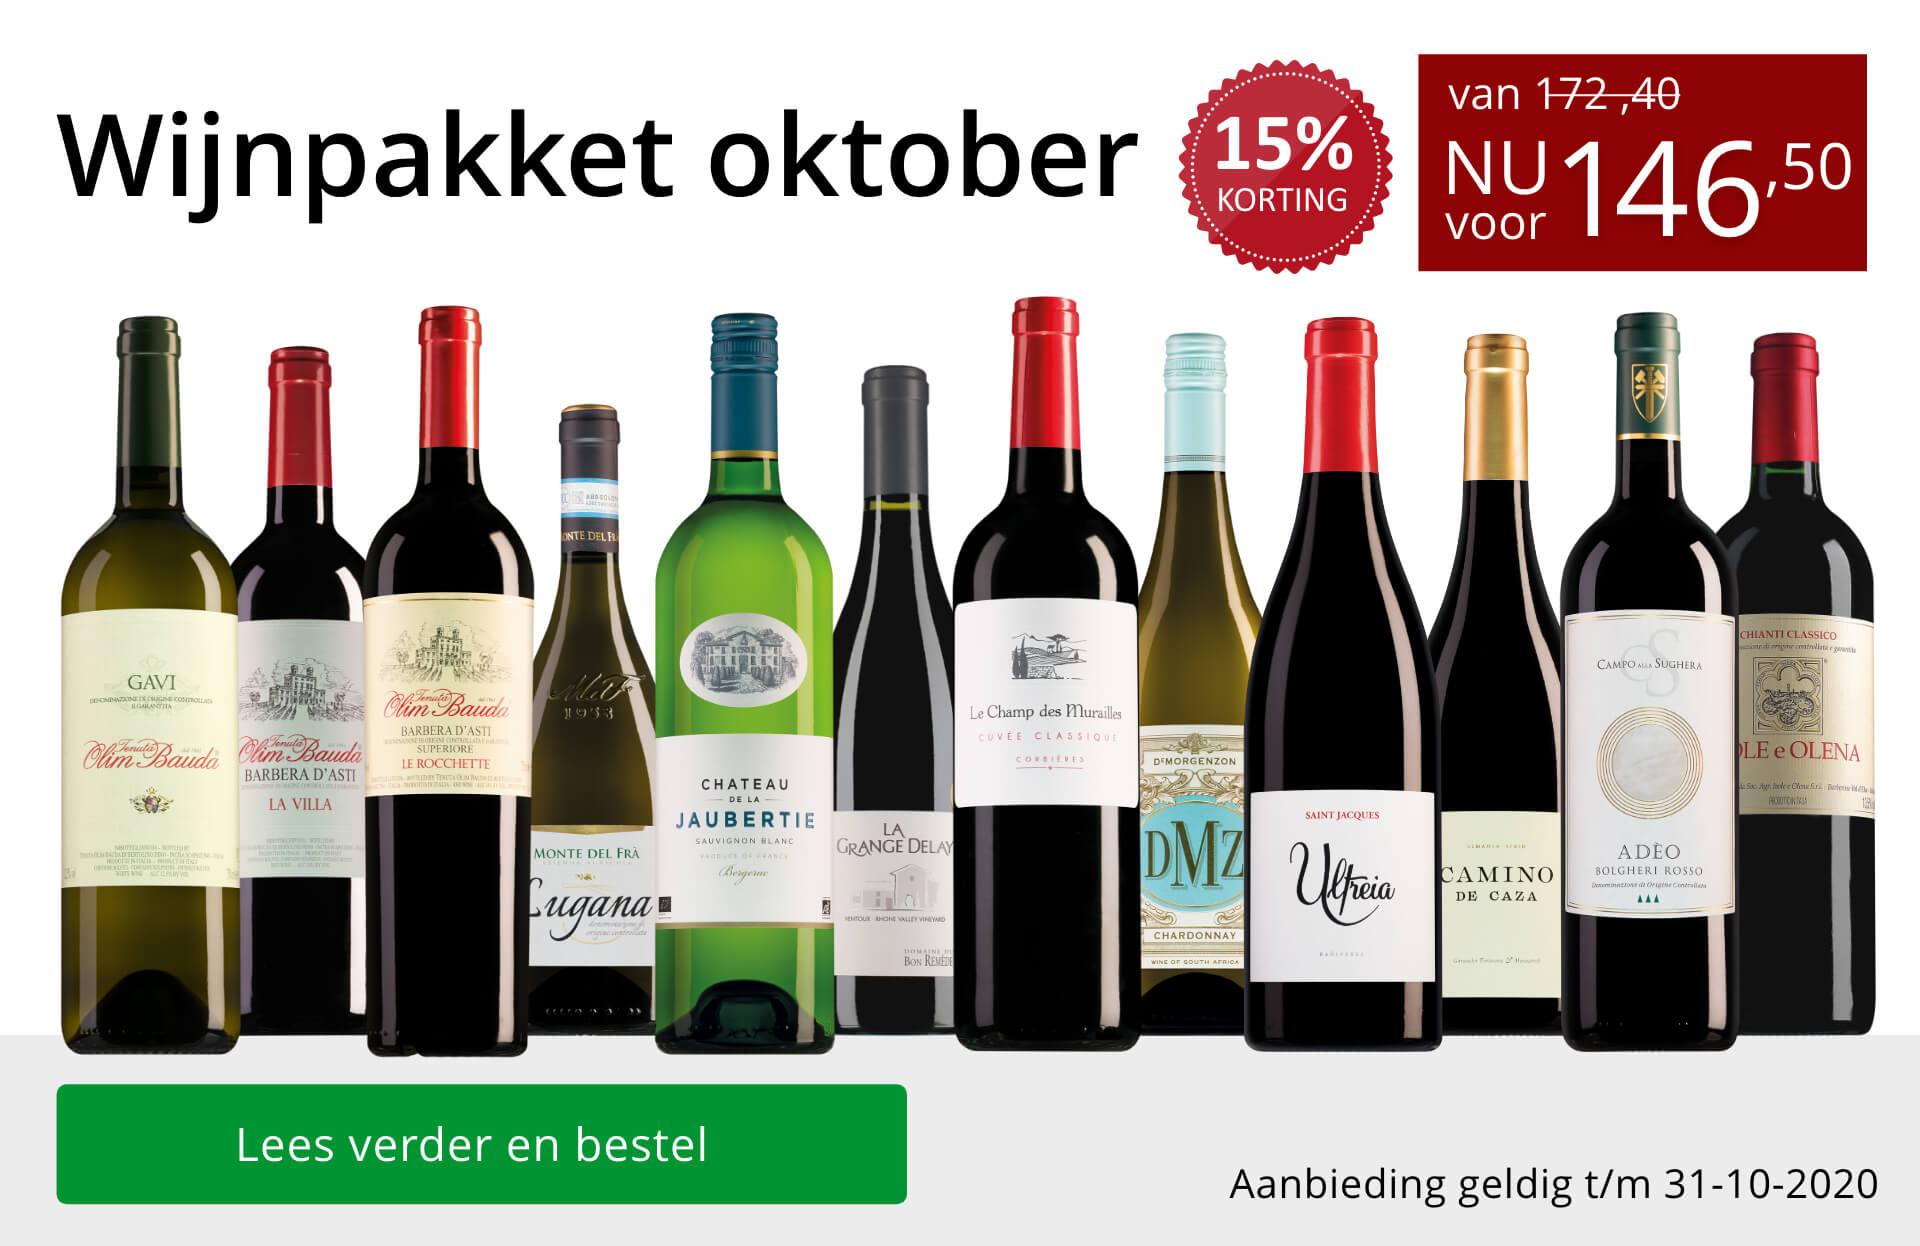 Wijnpakket wijnbericht oktober 2020 (146,50) - rood